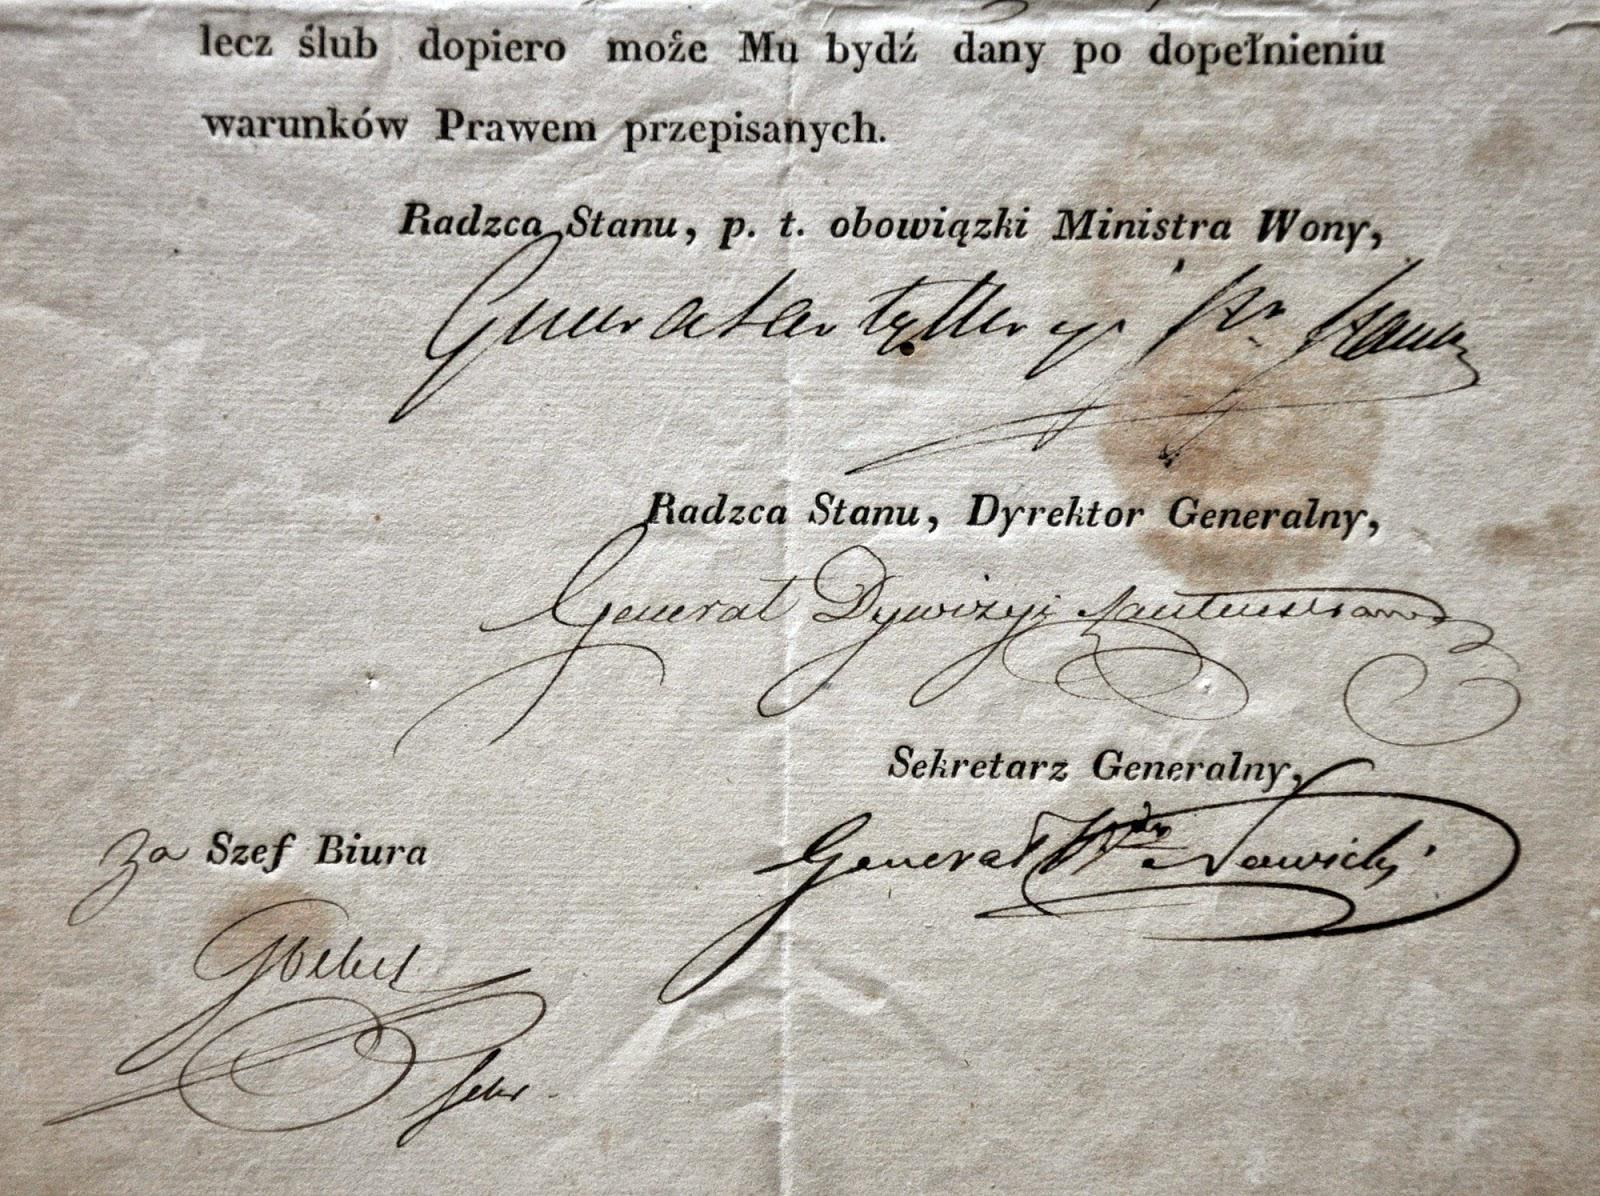 Dokument z 1829 r. - Pozwolenie na ślub porucznika Józefa Grabińskiego z konecką panną wyraziła Komisya Rządowa Woyny. Musiała być to ważna sprawa skoro widnieje kilka podpisów generalskich. Dokument z 12.08.1829 w zbiorach KW.